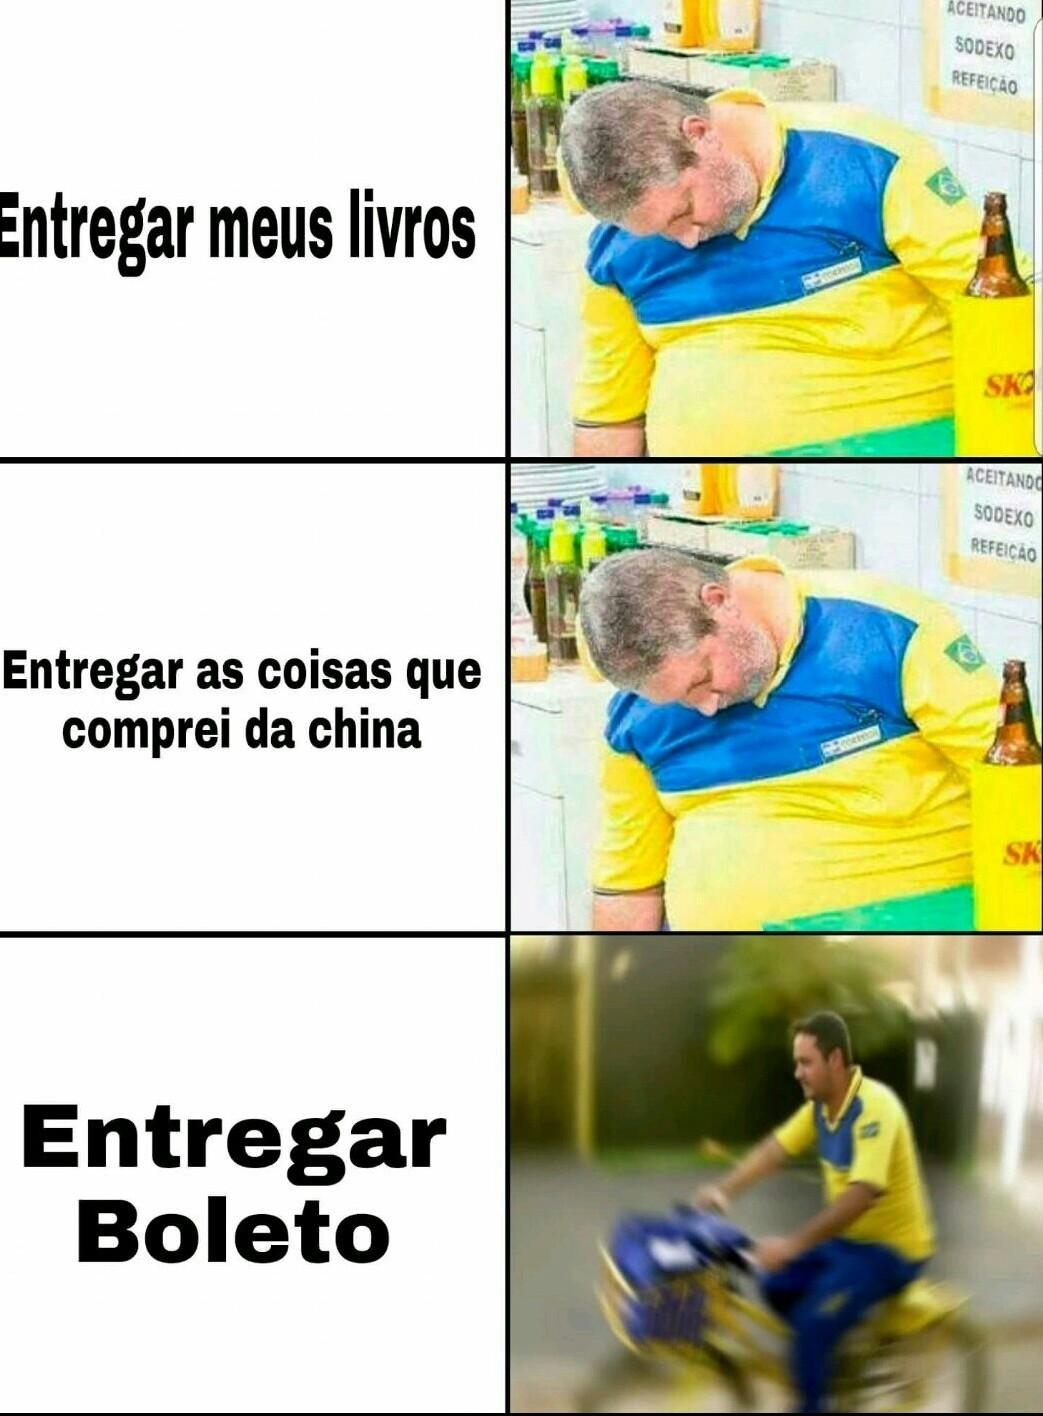 Novo gorowar - meme